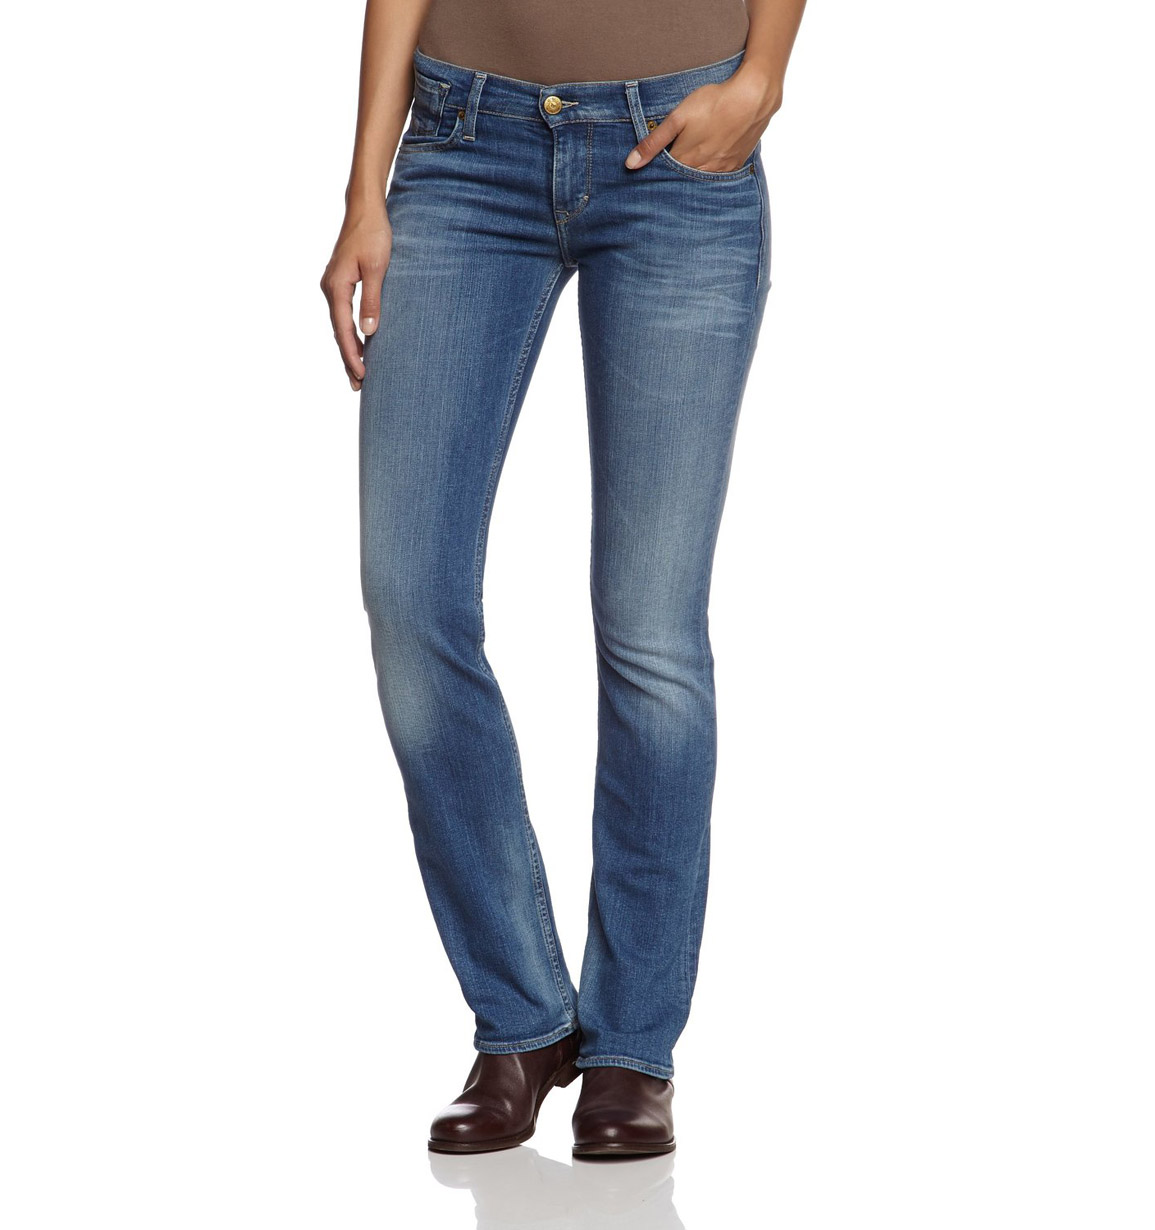 Jeans 5039 Damen 3580 Girls Oregon 512 Shoes Mustang wXknP80O